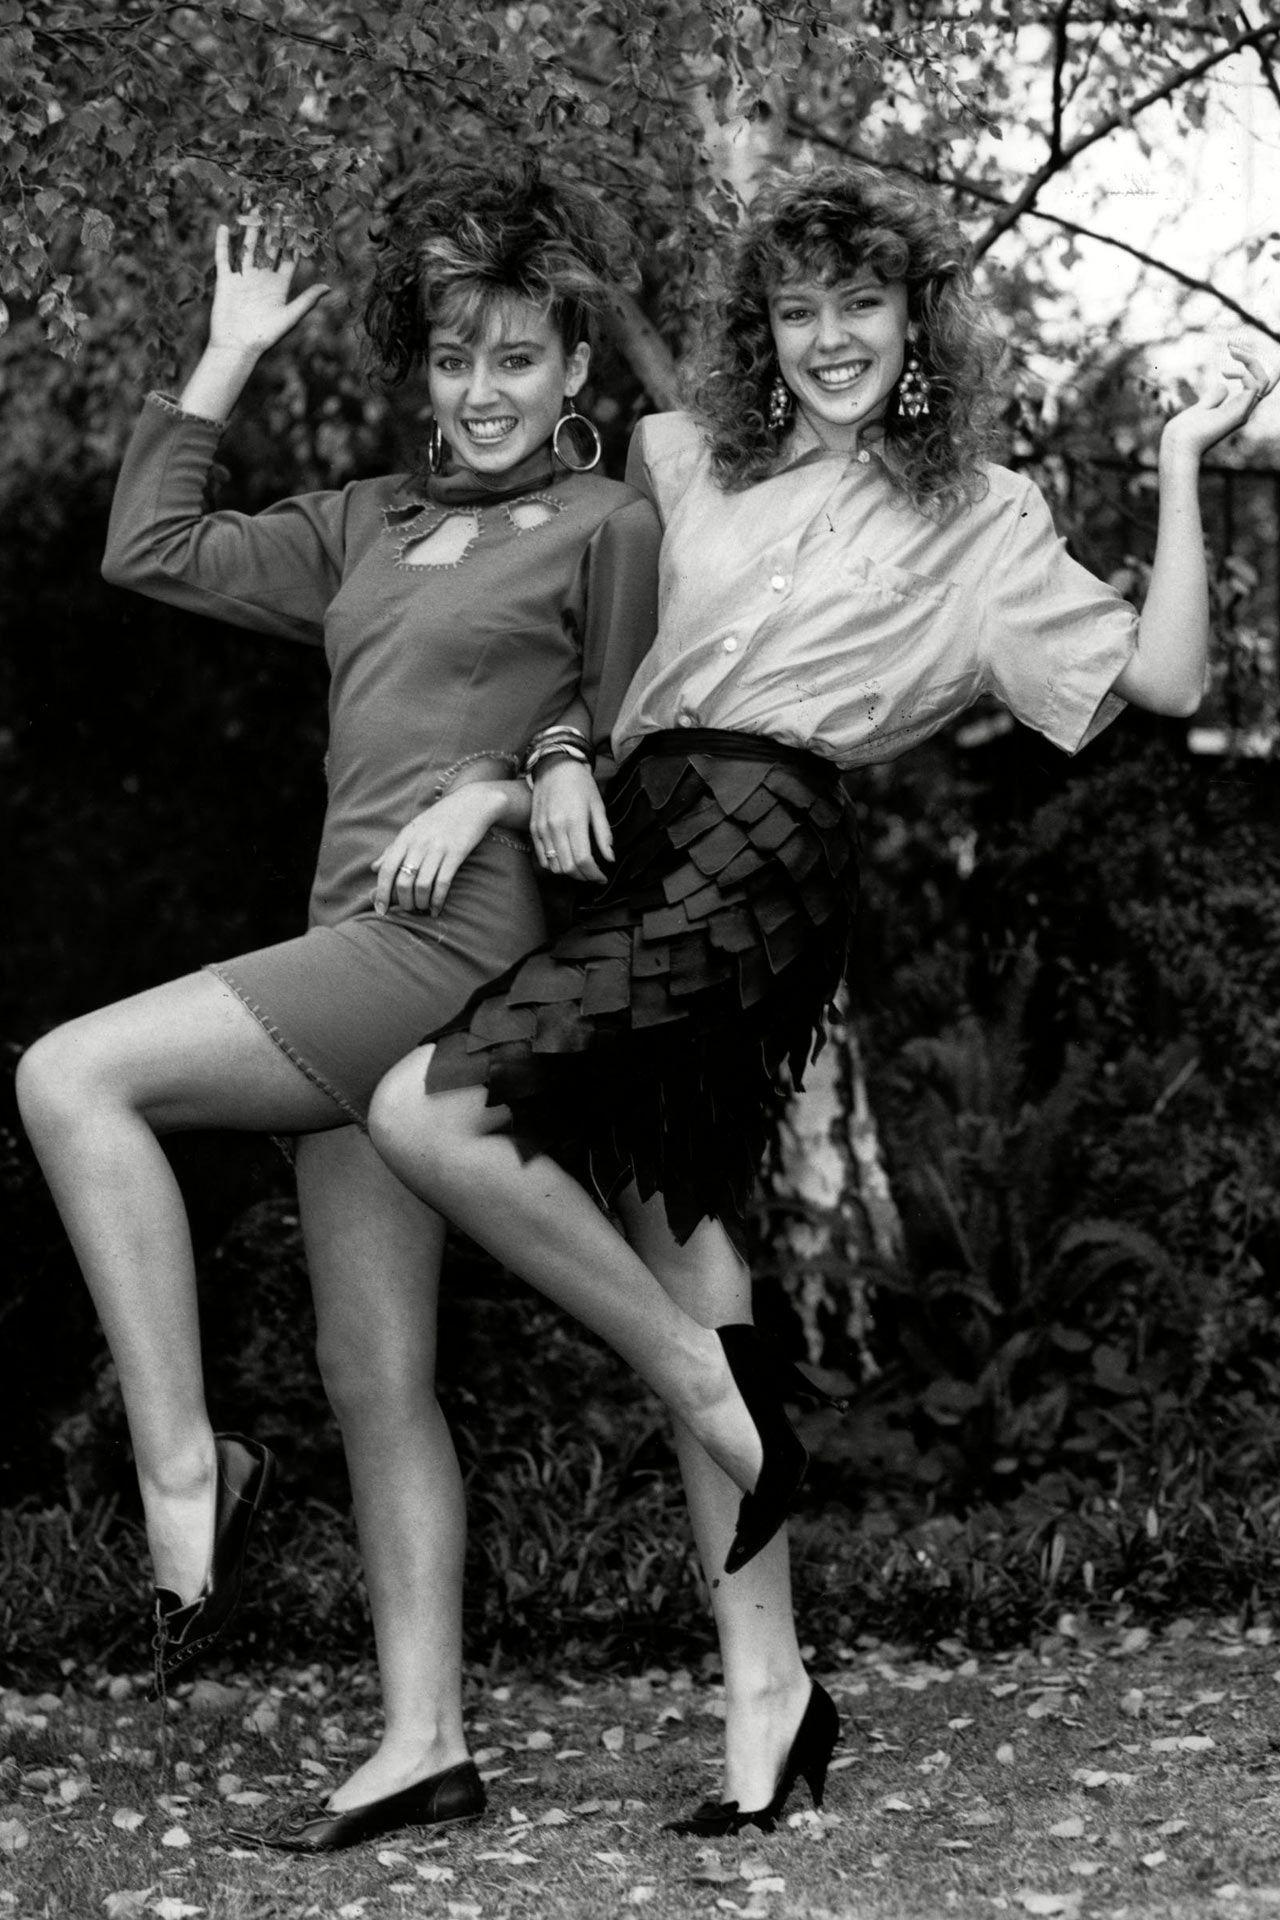 Dannii & Kylie Minogue